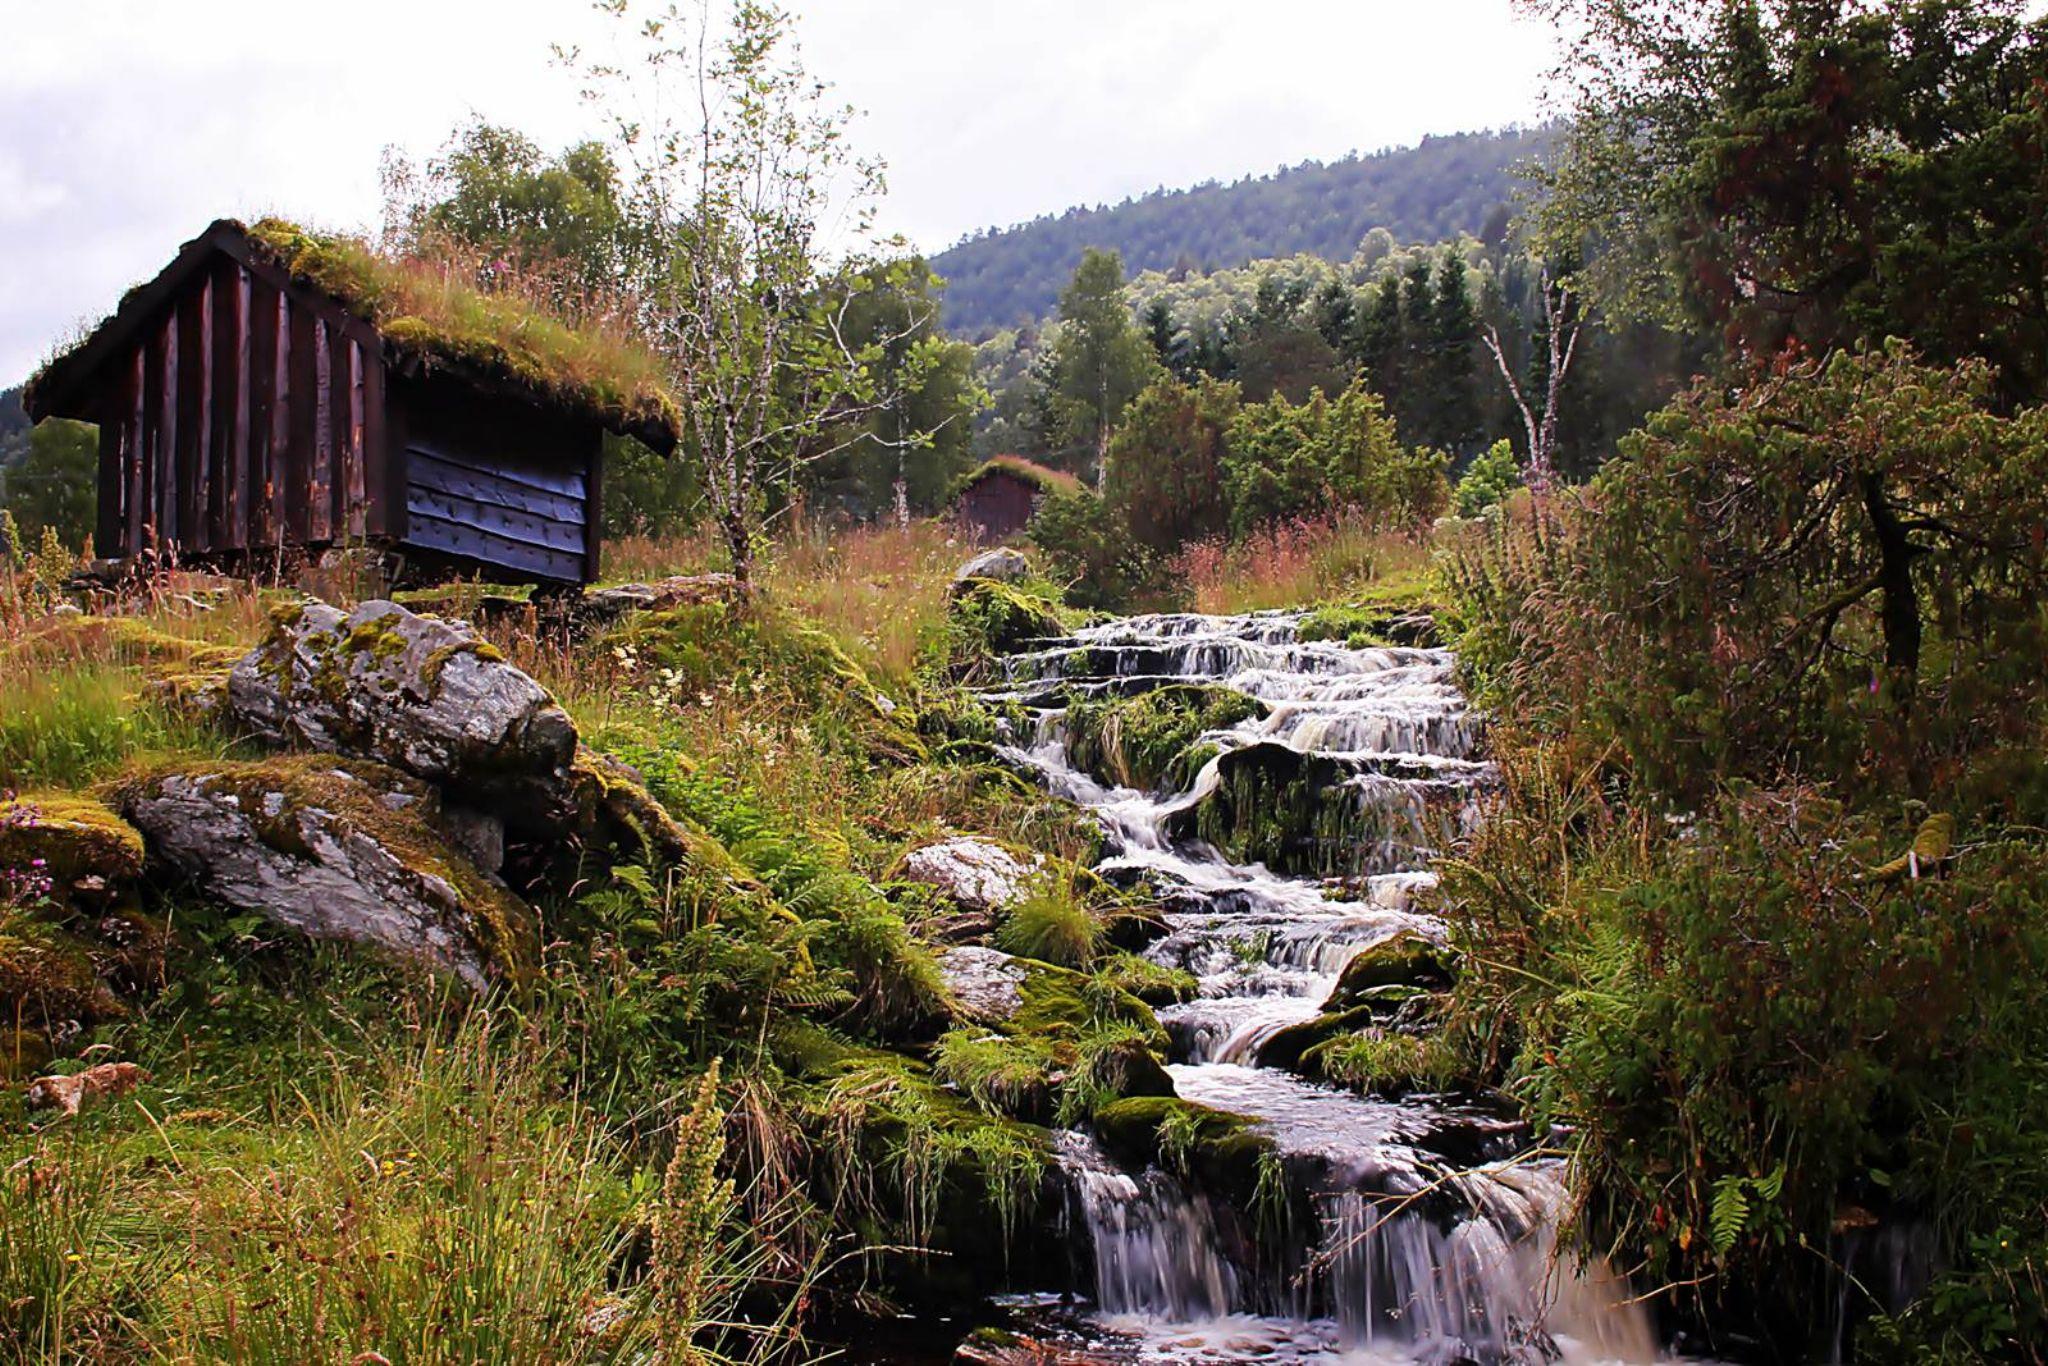 Waterfall in the Spring by vidar.totland